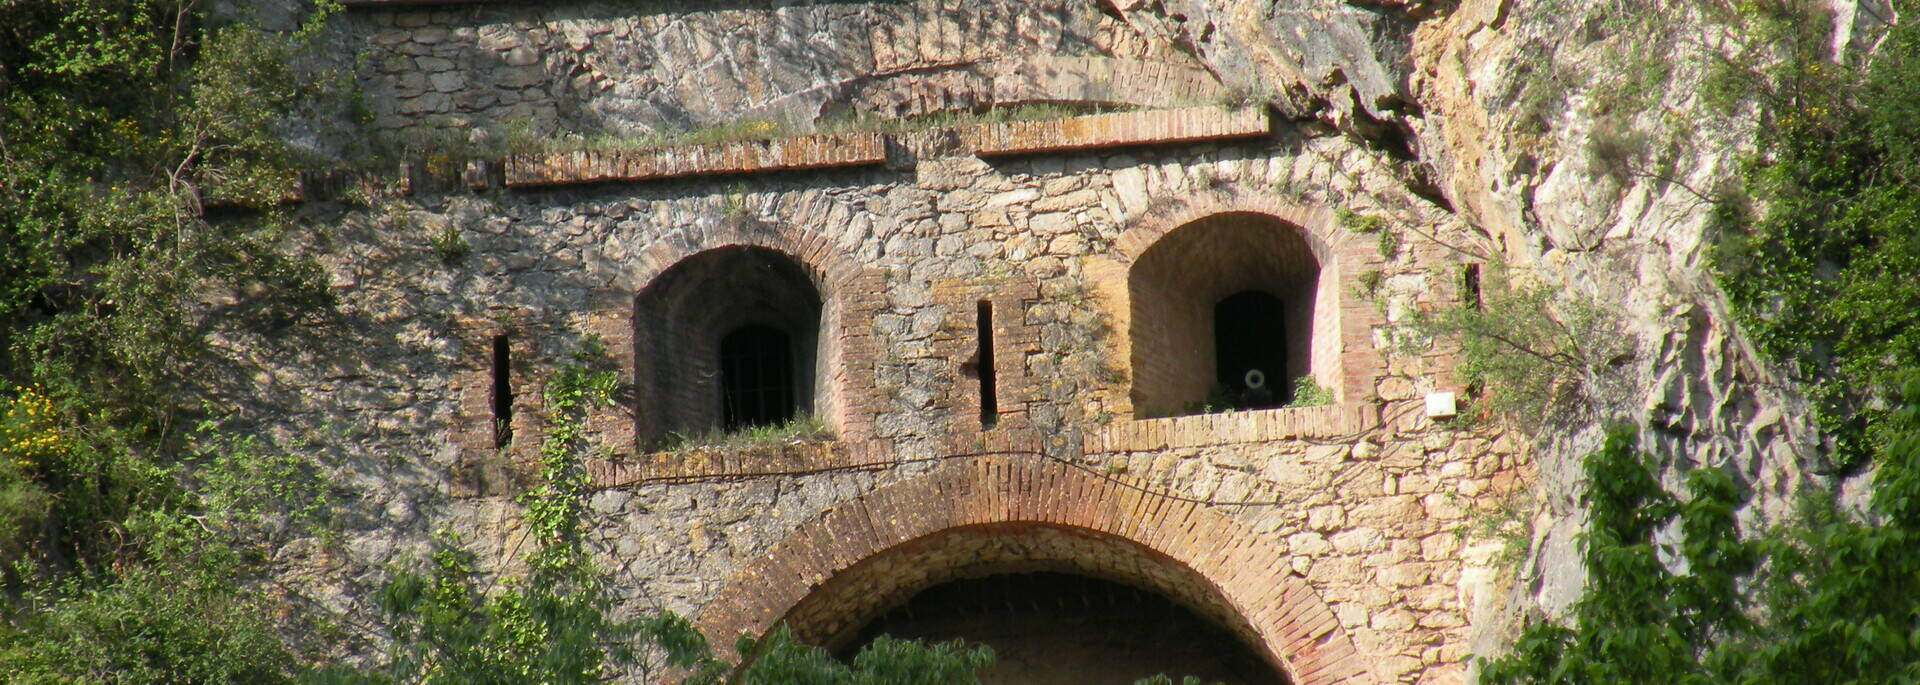 La Cova Bastera par ©RM.SORIA